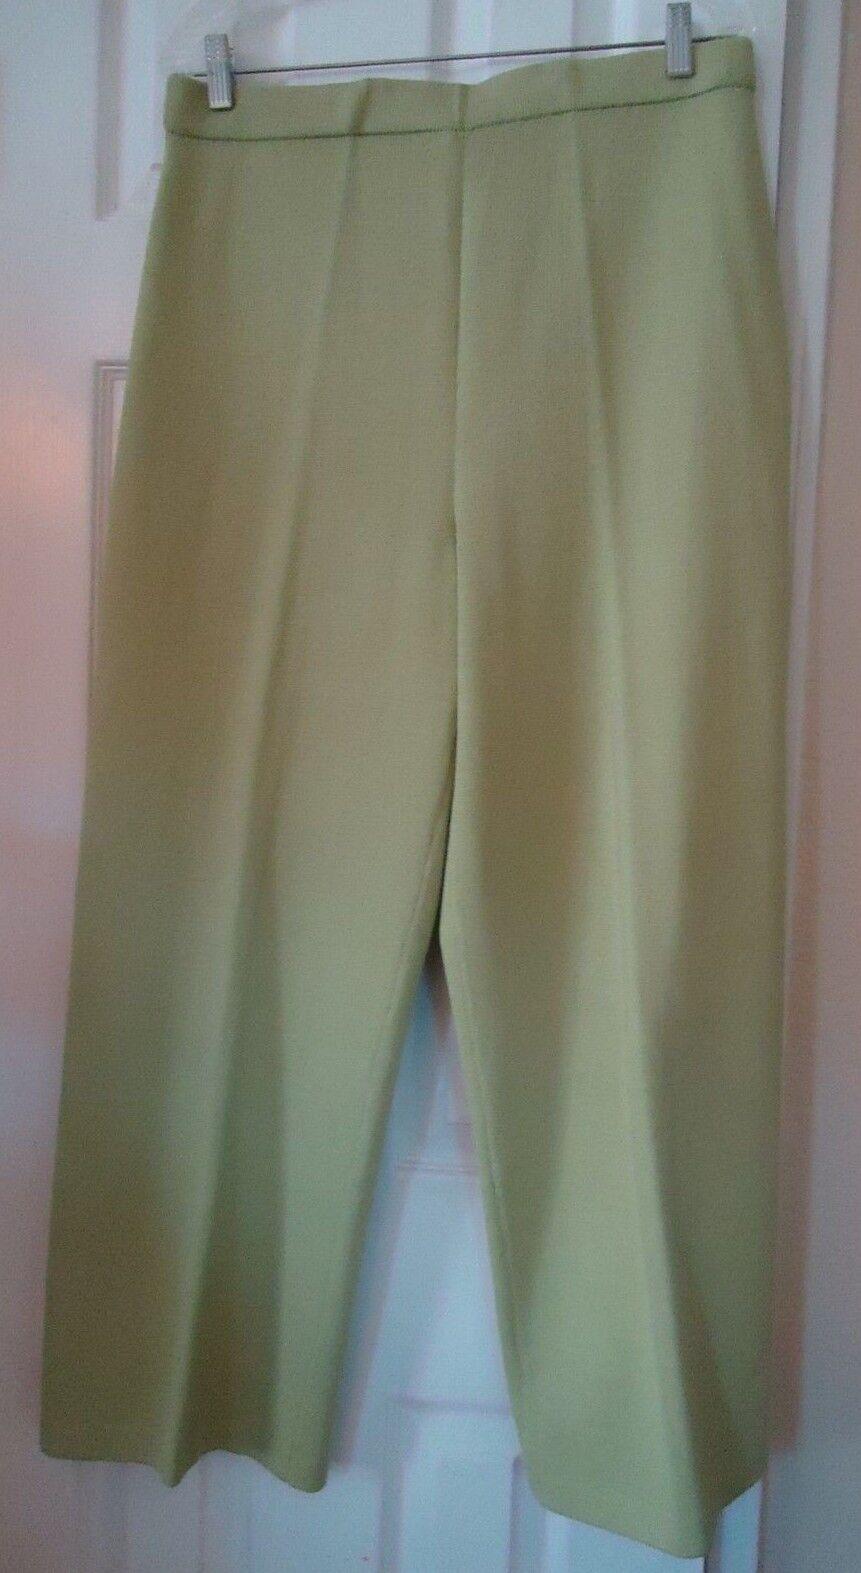 Light Green Elastic Waist St John Collection Wool Blend Knit Pants - Size 16